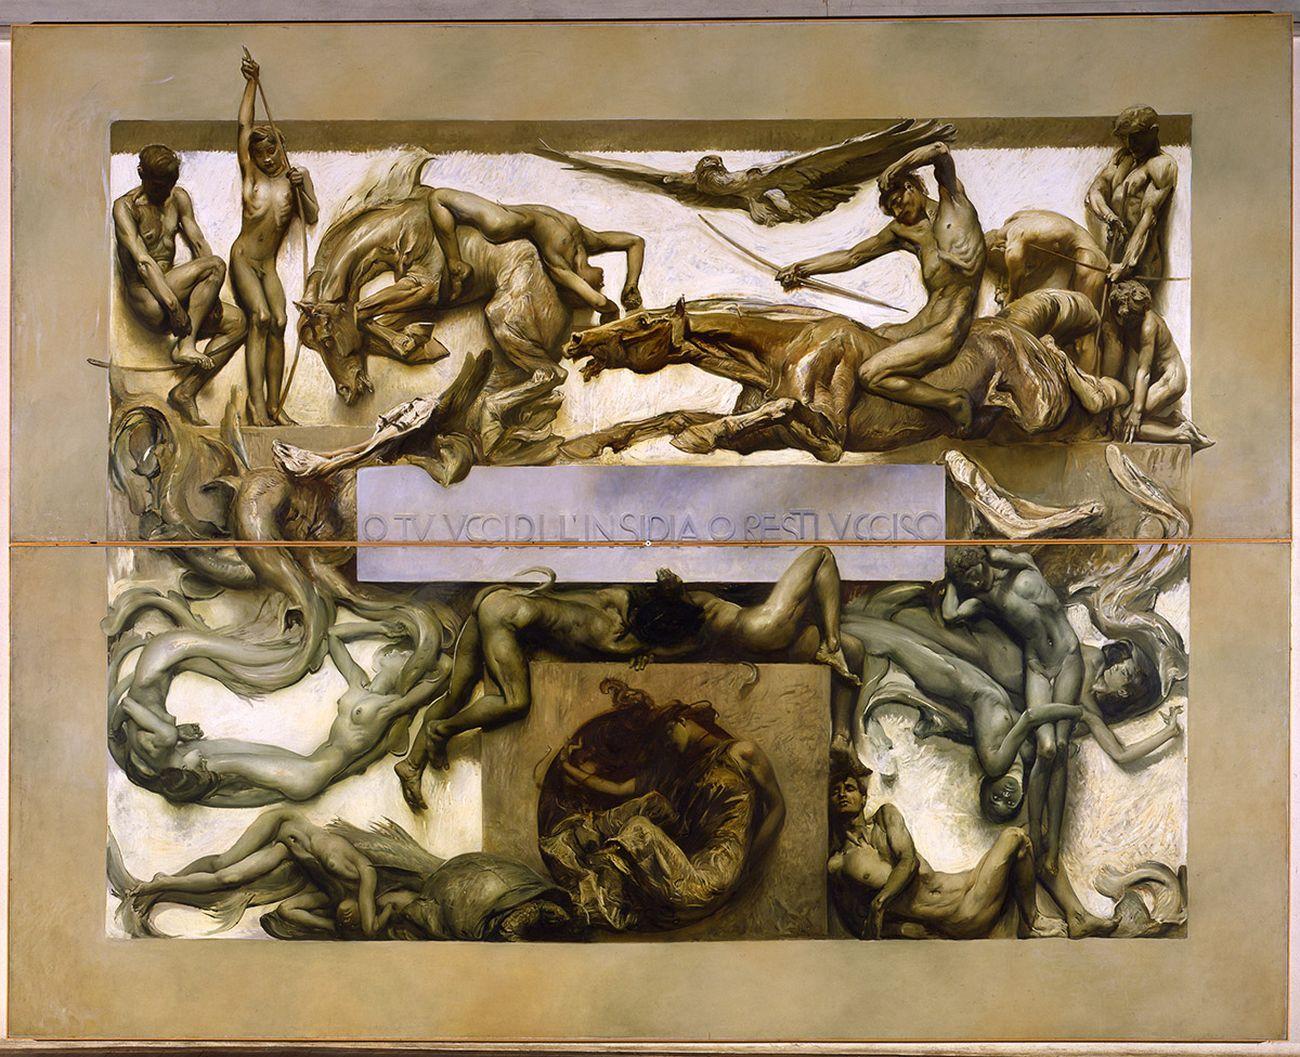 Giulio Aristide Sartorio, La Morte (parte del ciclo Il Poema della Vita Umana), 1906 07. Venezia, Fondazione Musei Civici di Venezia